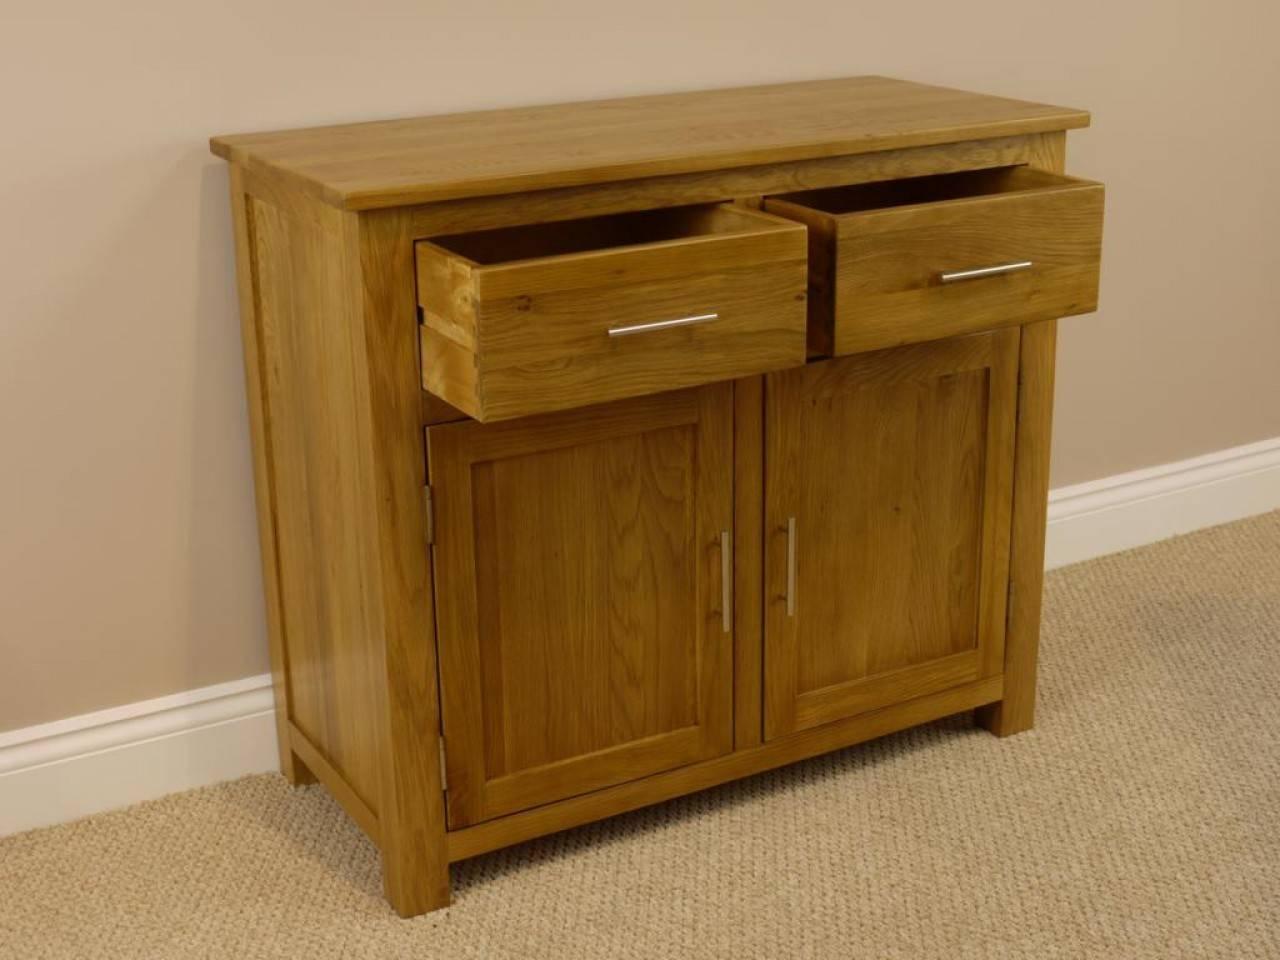 Wood Oak Sideboard : Classy Oak Sideboard Furniture – Wood Furniture In Most Recent Solid Oak Sideboards For Sale (#15 of 15)